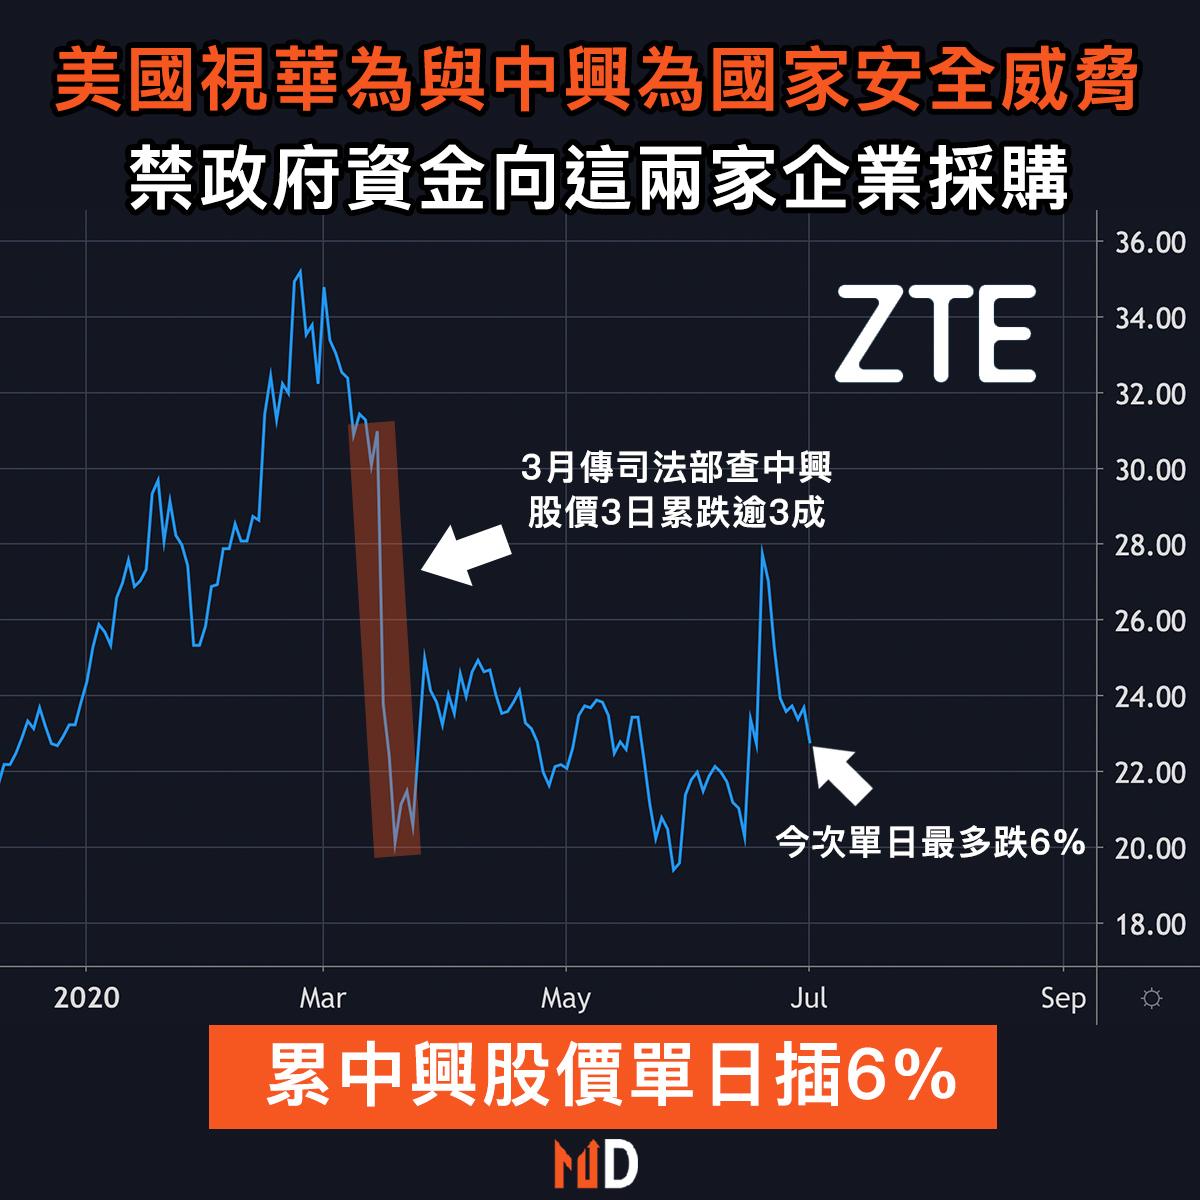 【圖解股市】美國宣佈華為與中興構成國家安全威脅,中興股價插6%